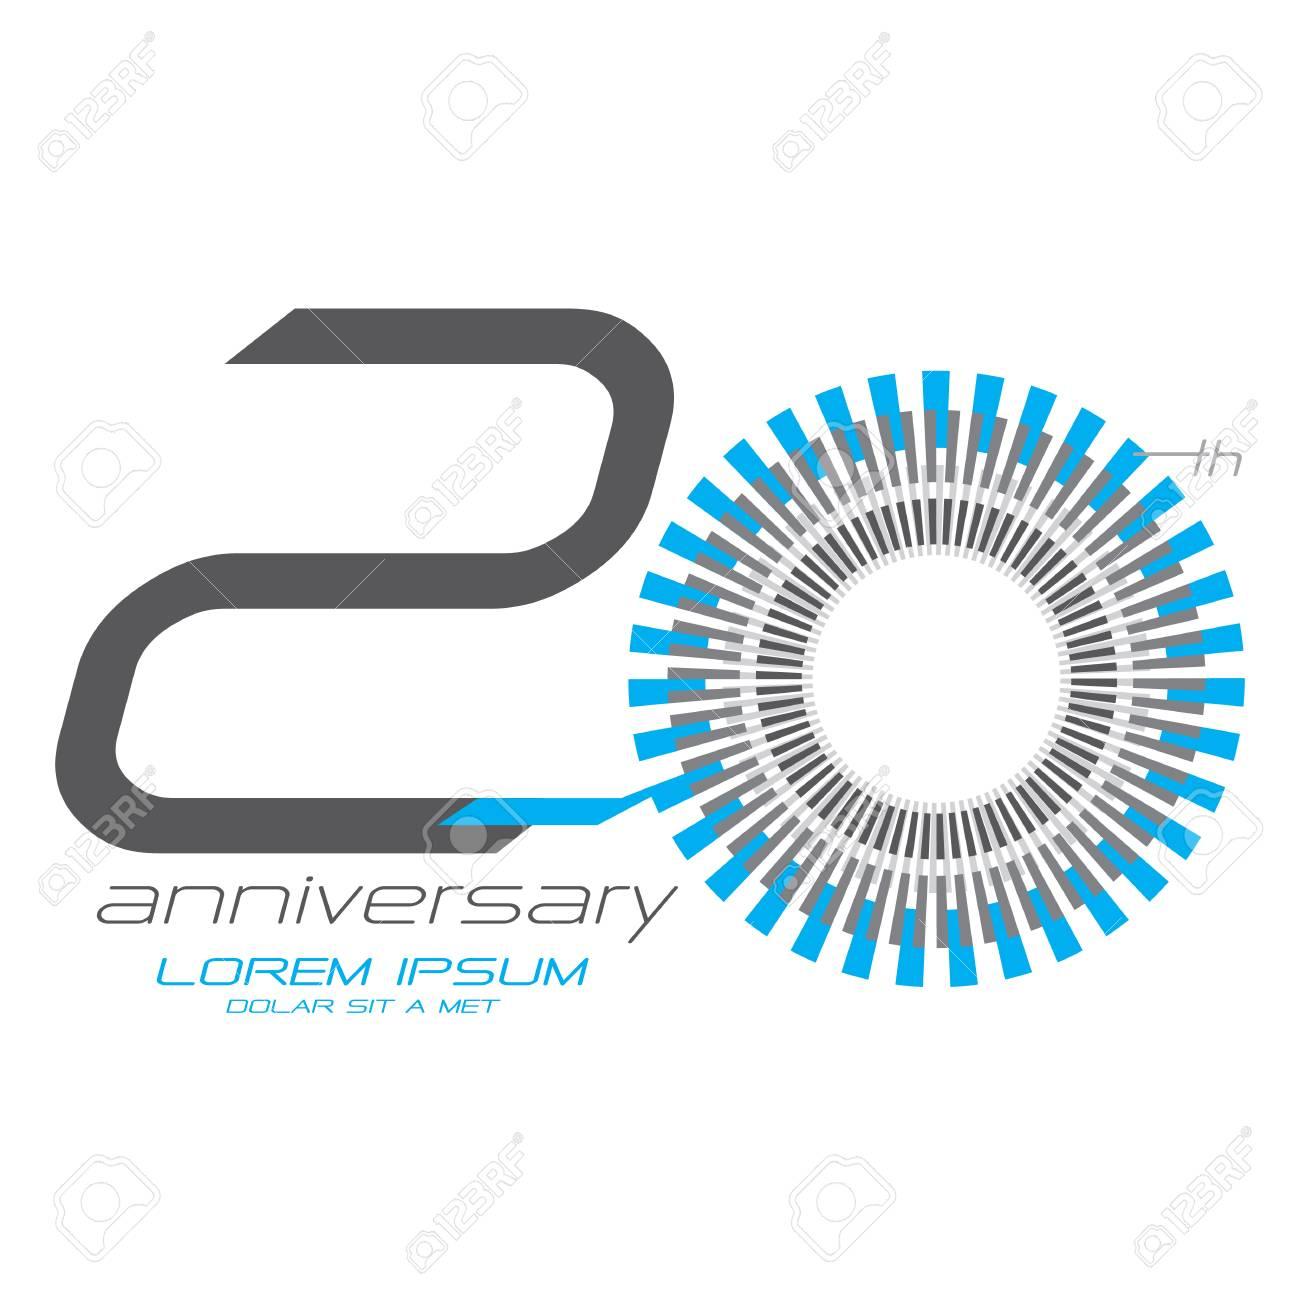 20 Jaar Verjaardag Concept Vector Royalty Vrije Cliparts Vectoren